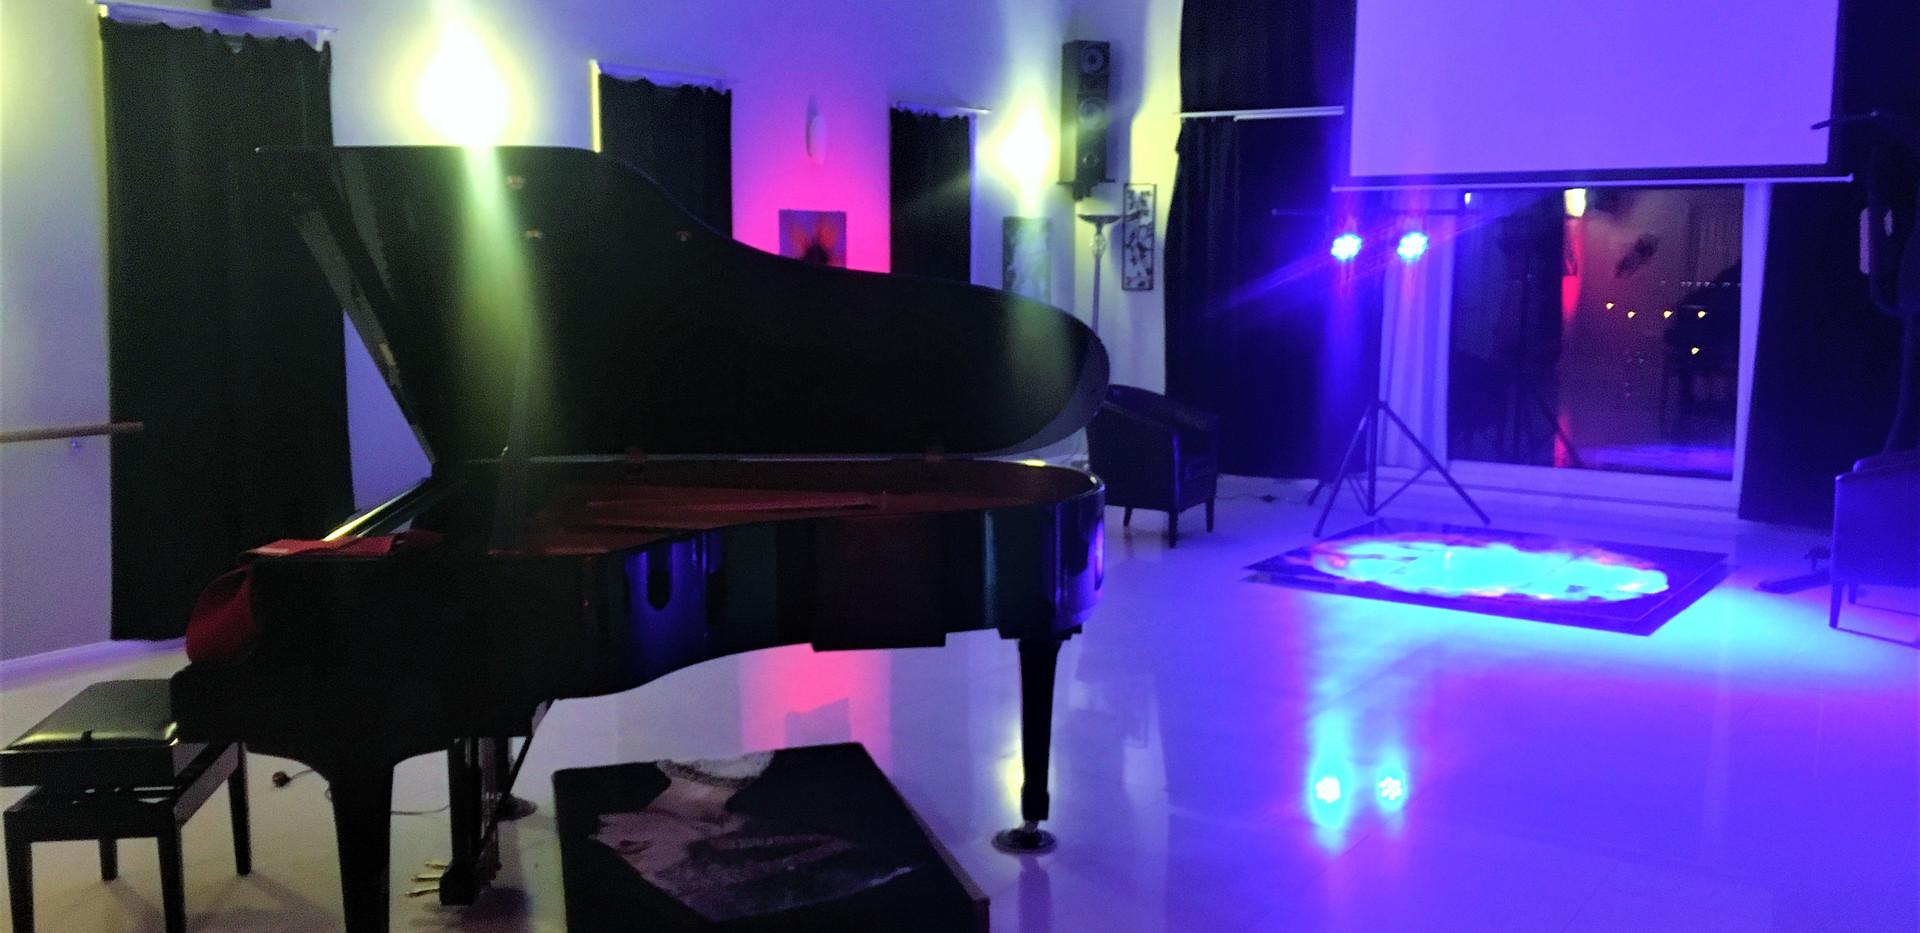 Ballroom @OASIIS